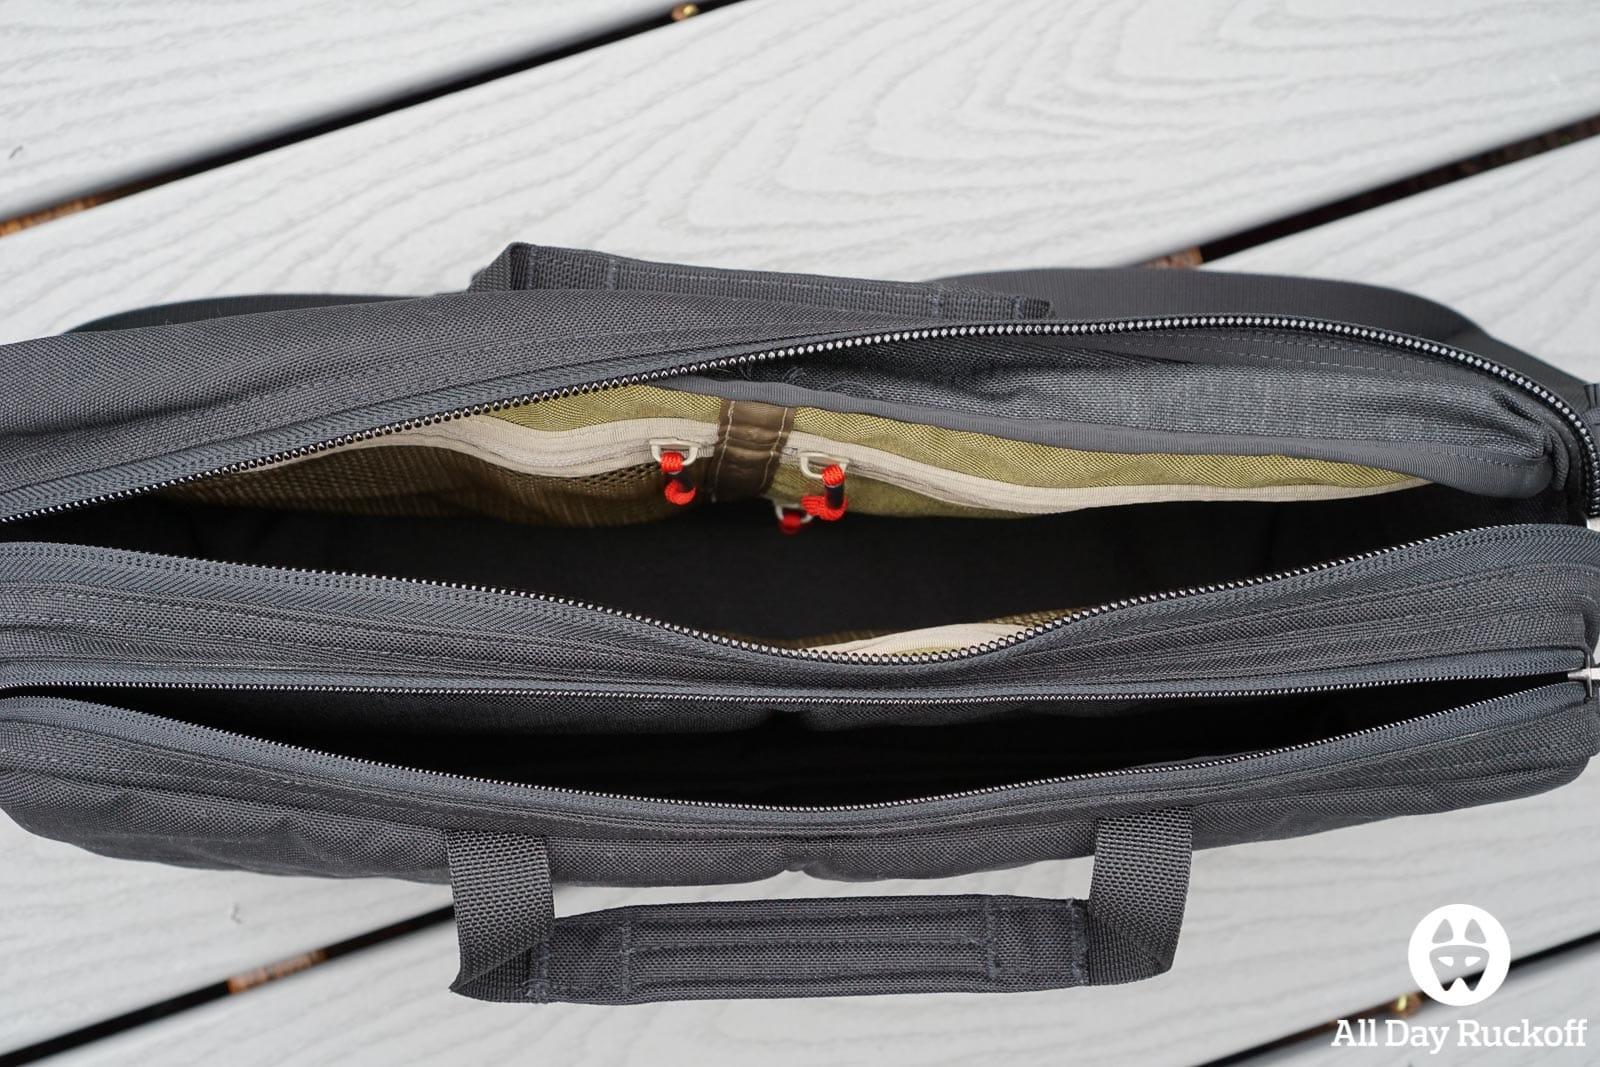 GORUCK Shoulder Bag 15L - Top Main